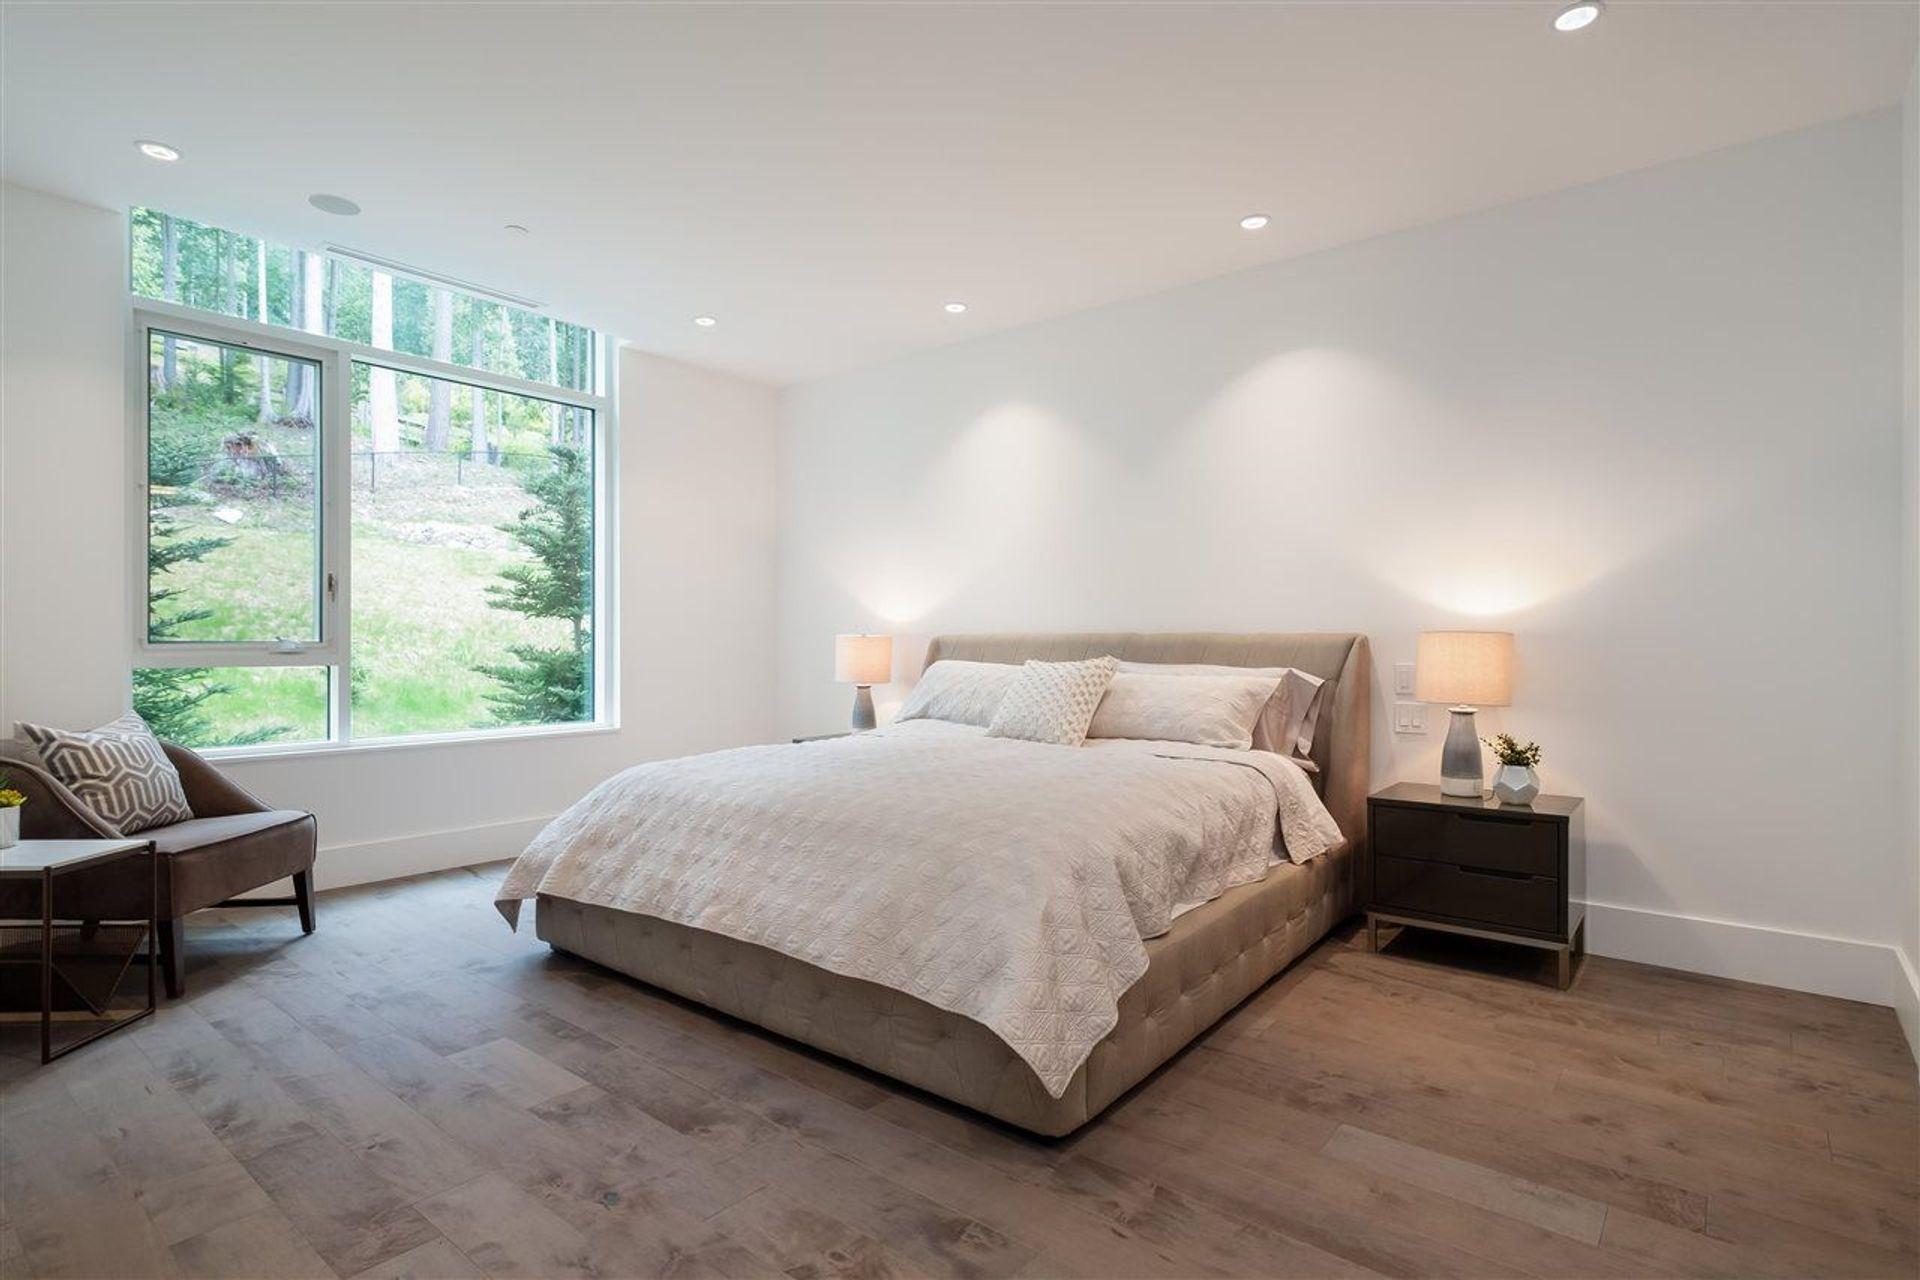 2958-burfield-place-cypress-park-estates-west-vancouver-20 at 302 - 2958 Burfield Place, Cypress Park Estates, West Vancouver